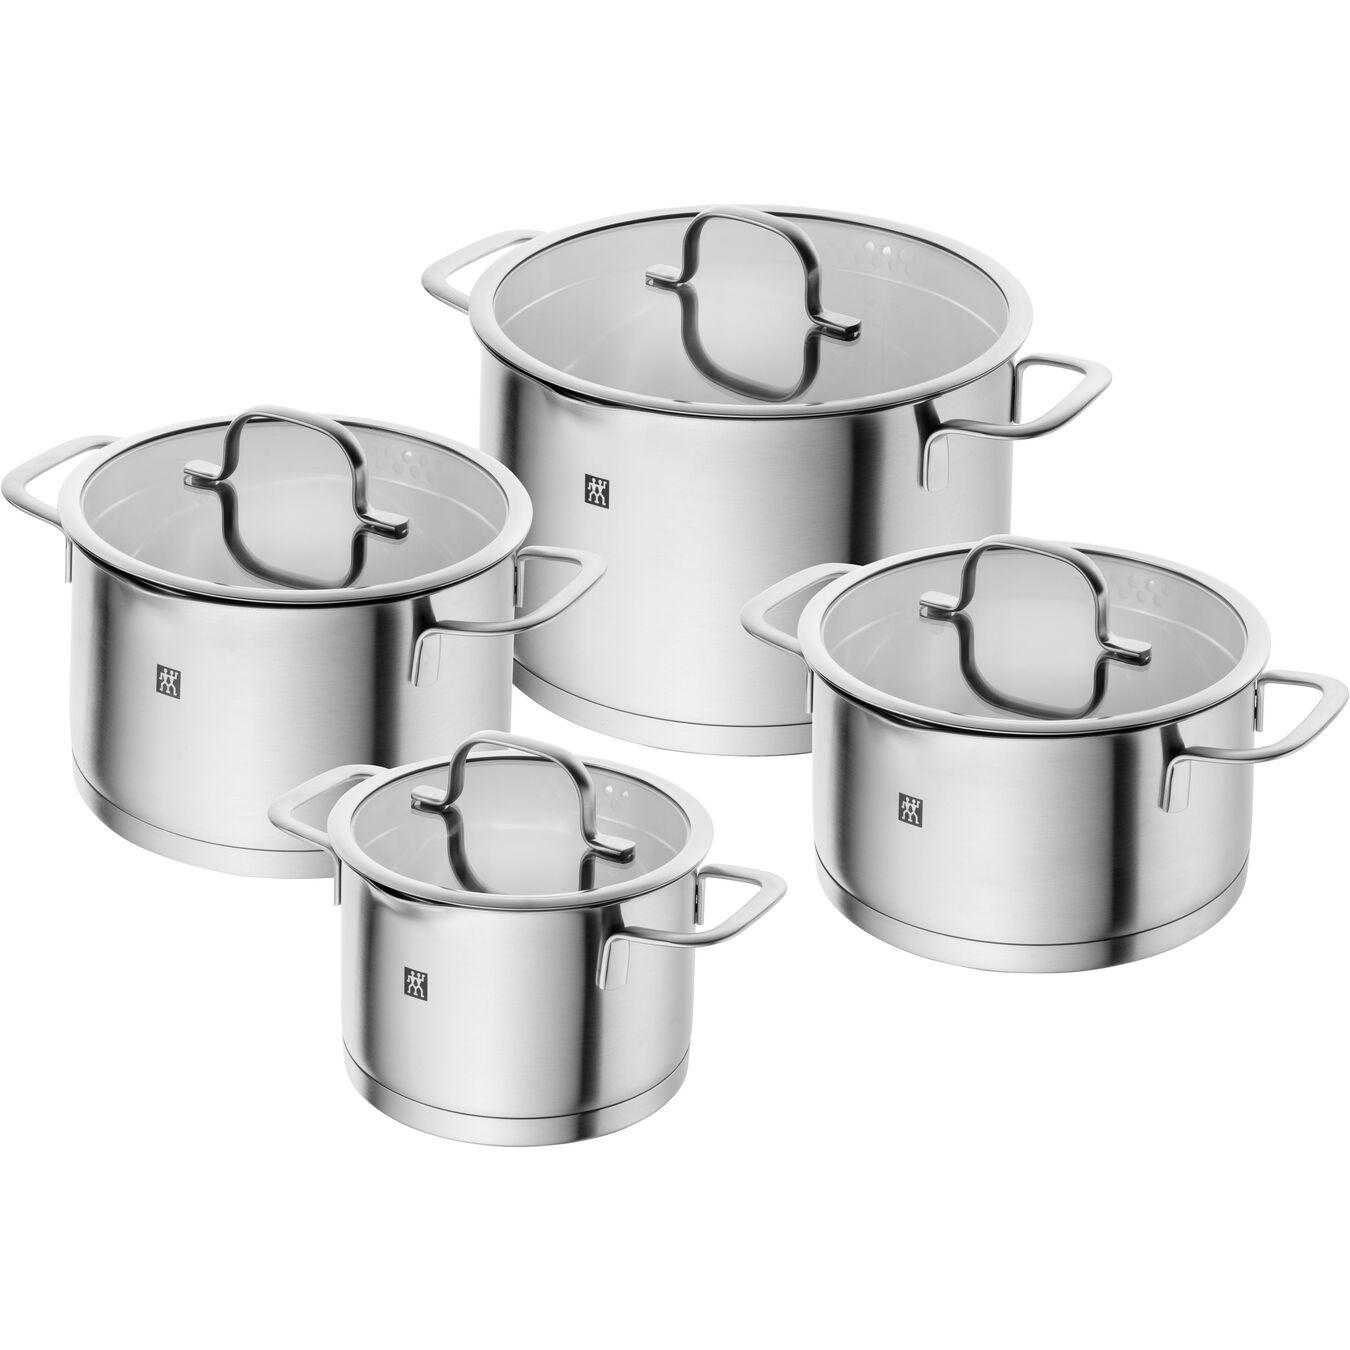 Ensemble de casseroles 4-pcs, Acier inoxydable,,large 1